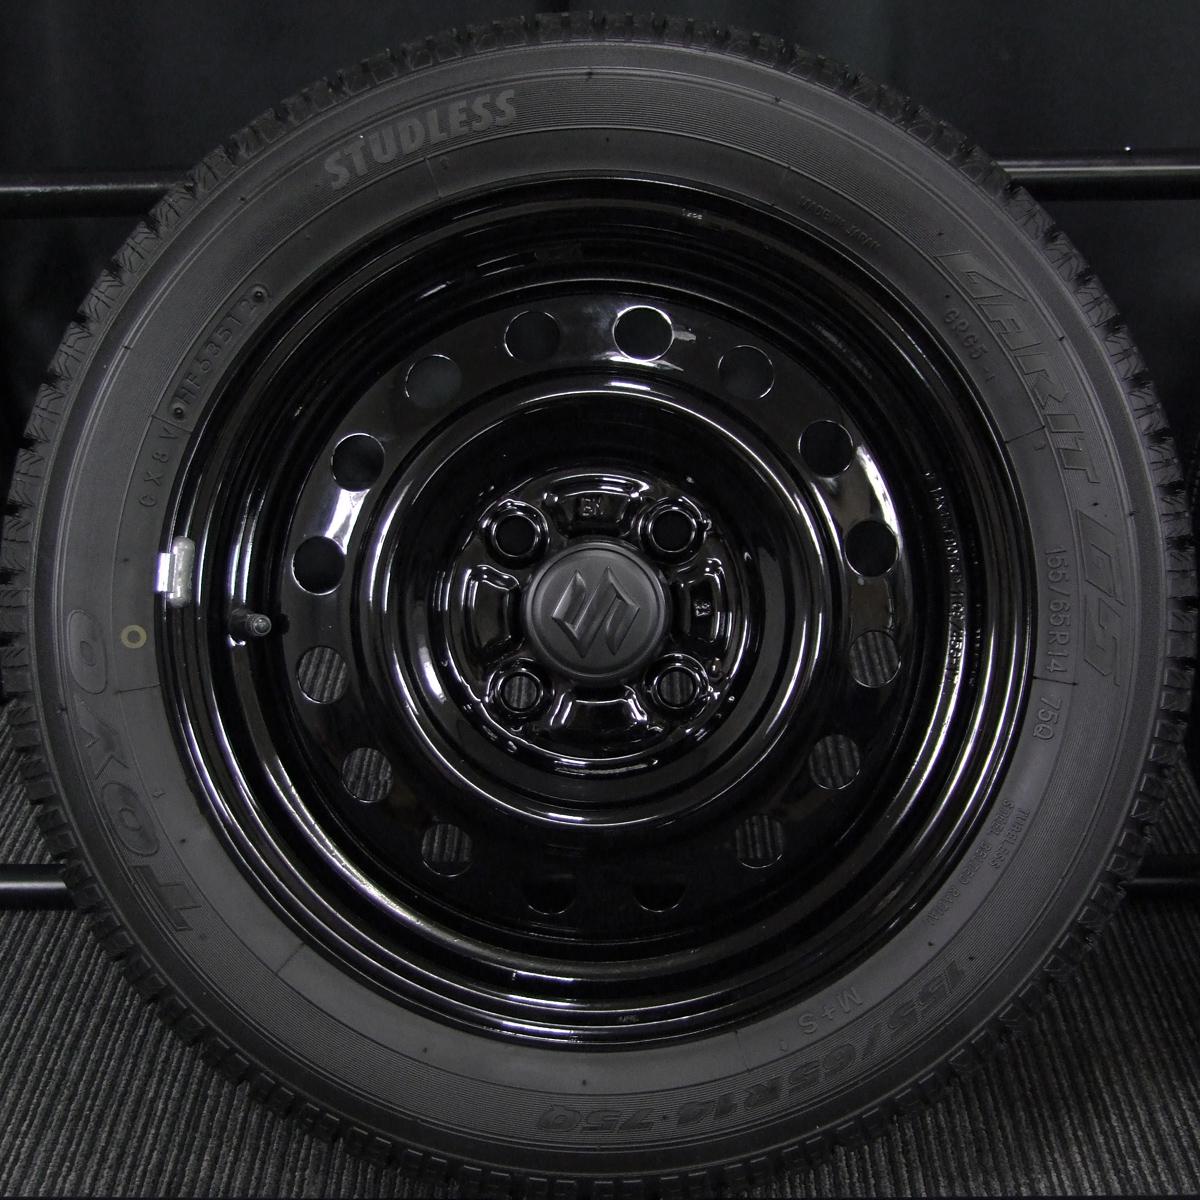 SUZUKI エブリィ 純正 ブラック TOYO GARIT G5 155/65R14 4本SET